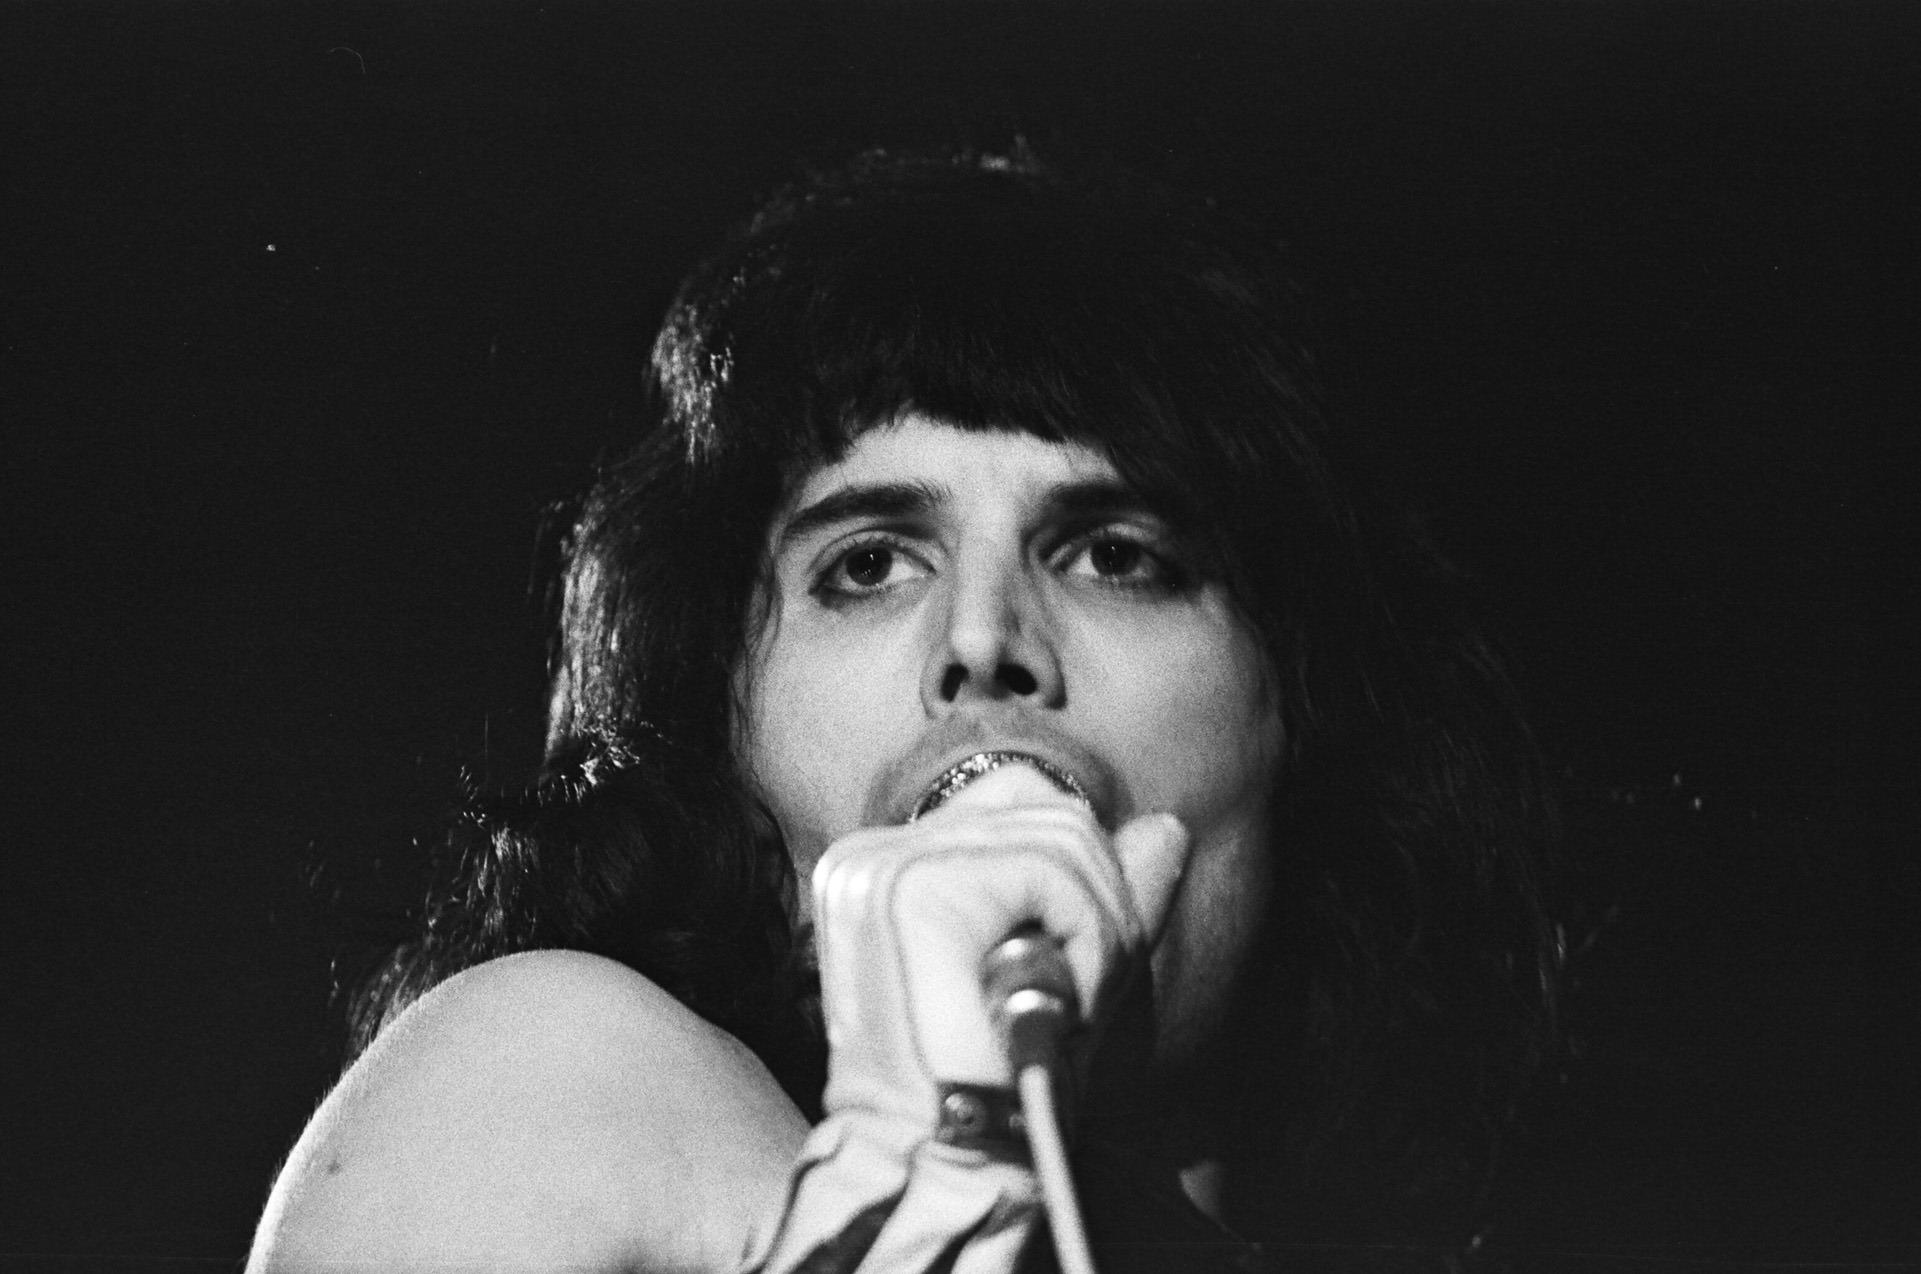 Musica Internazionale, Vintage. Hai la voce come Freddie Mercury? Te lo dice l'Intelligenza artificiale